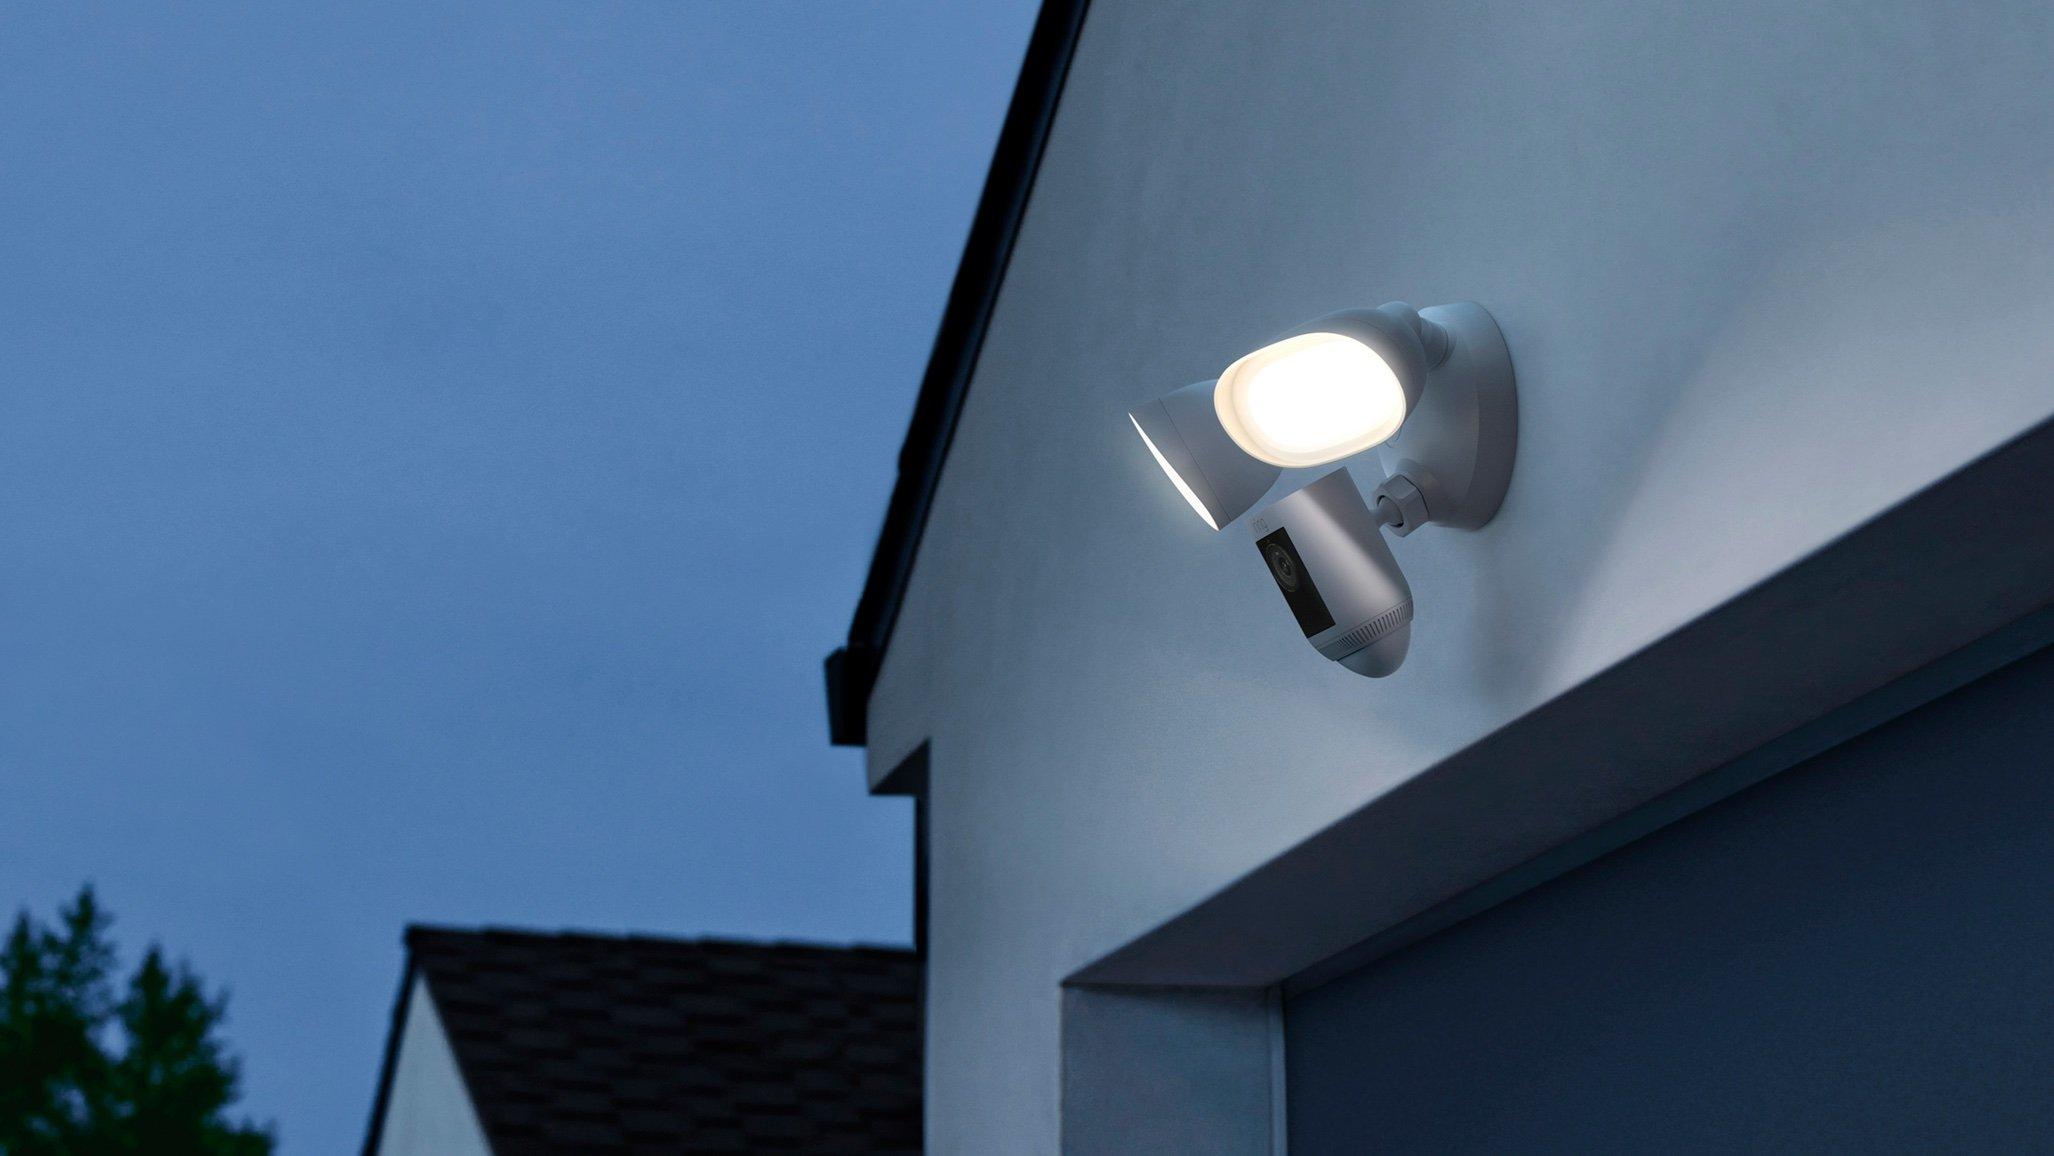 Ring Floodlight Cam Wired Pro: la caméra d'extérieur ultra-perfectionnée arrive en France